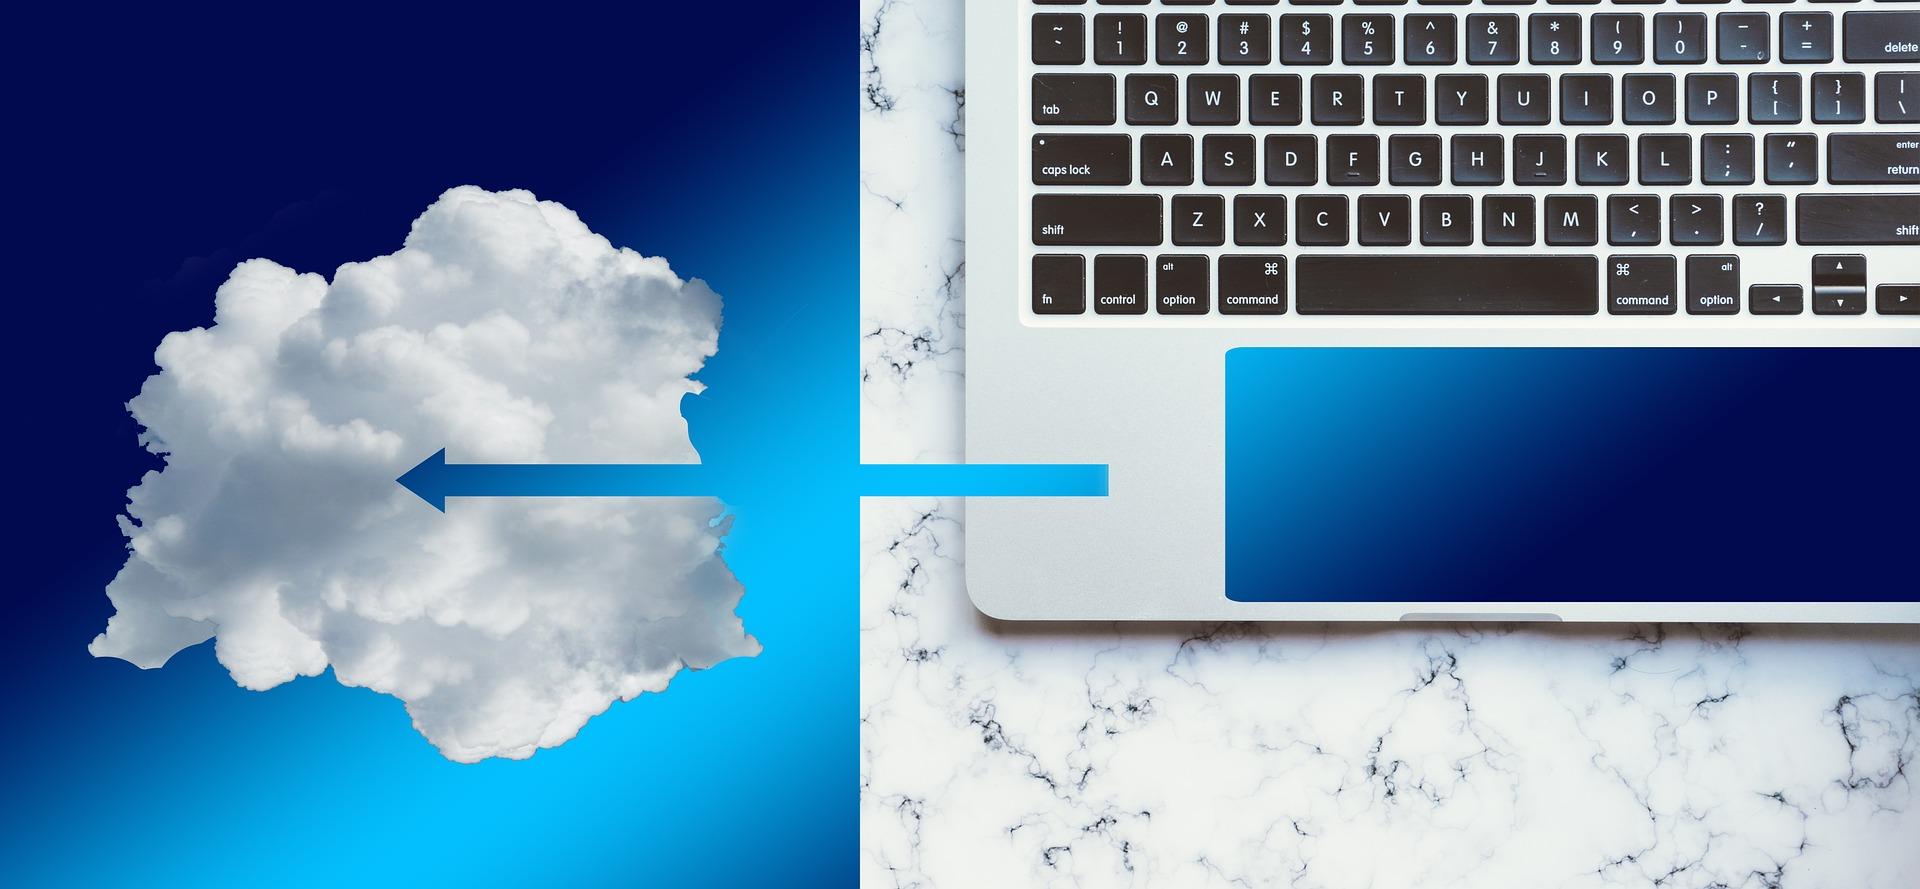 Serviços de computação em nuvem